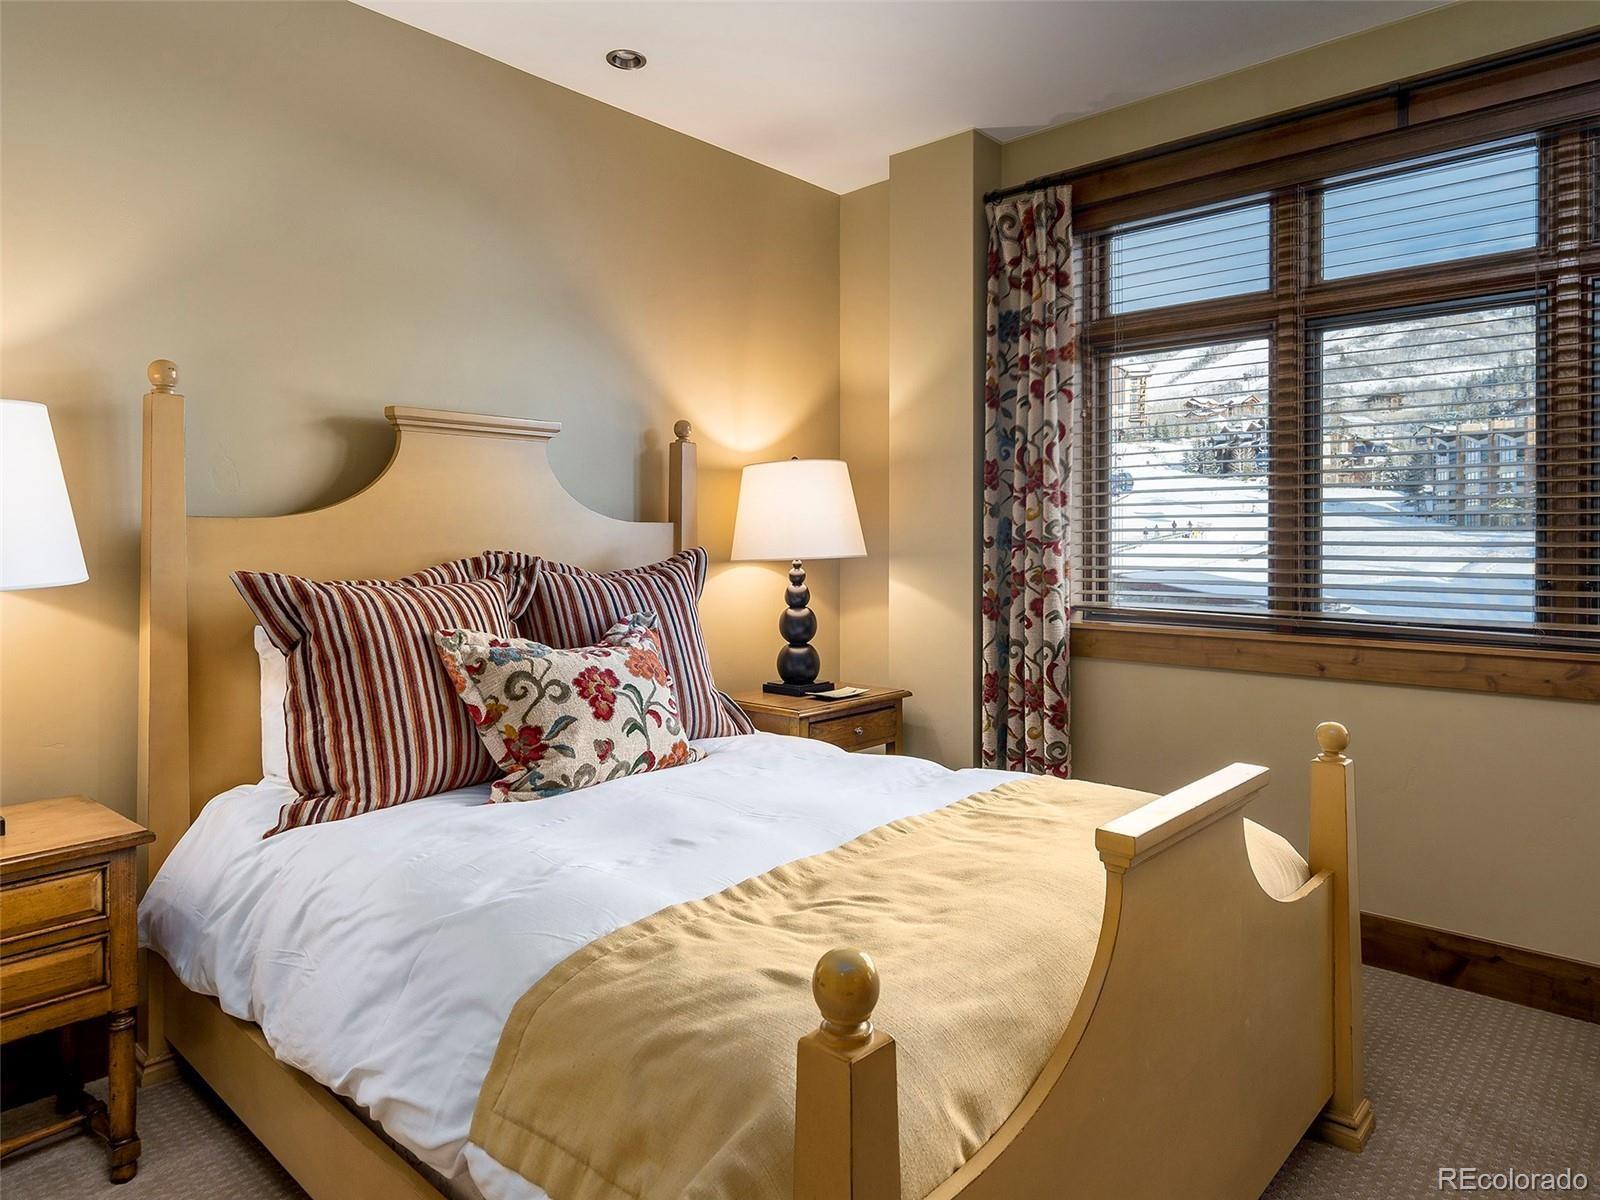 MLS# 7230921 - 16 - 2250 Apres Ski Way #403-II, Steamboat Springs, CO 80487